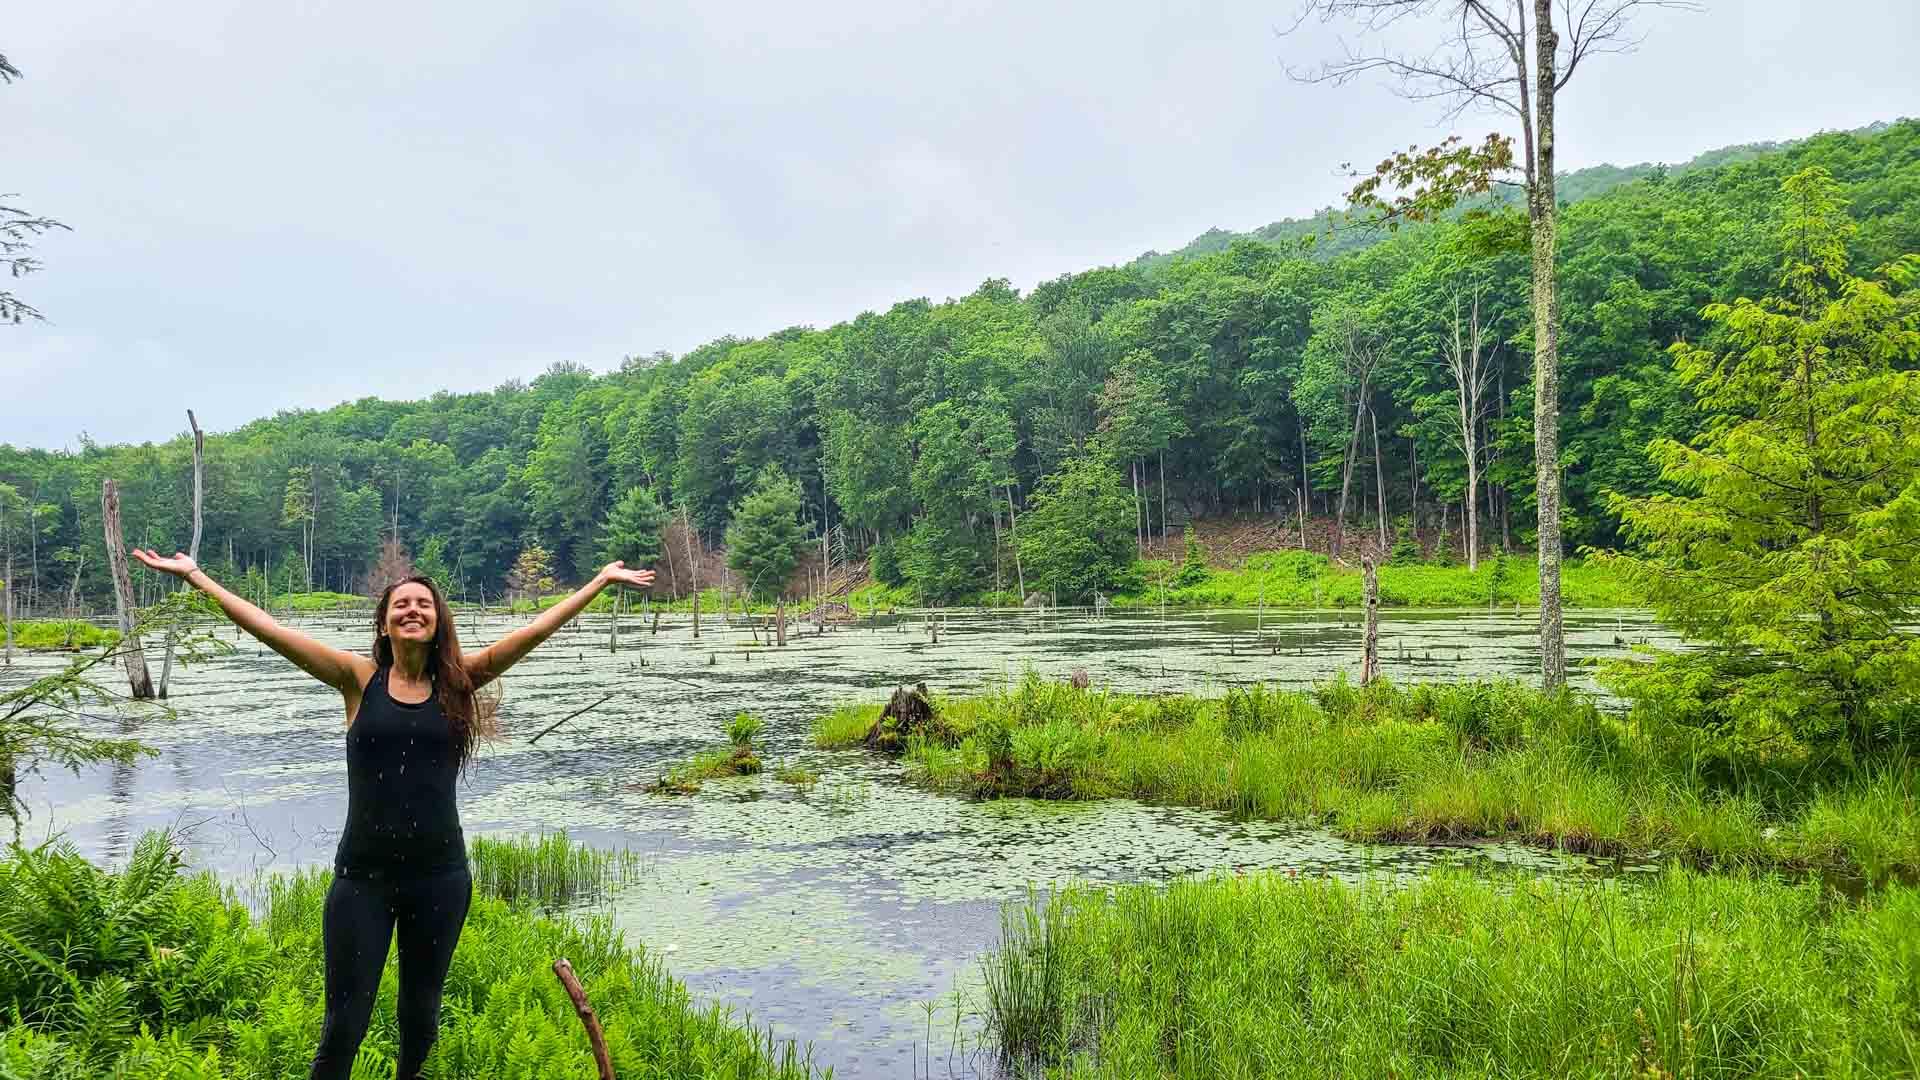 Empieza a llover, Corinth Reservoir Recreation Area, Adirondack, Nueva York